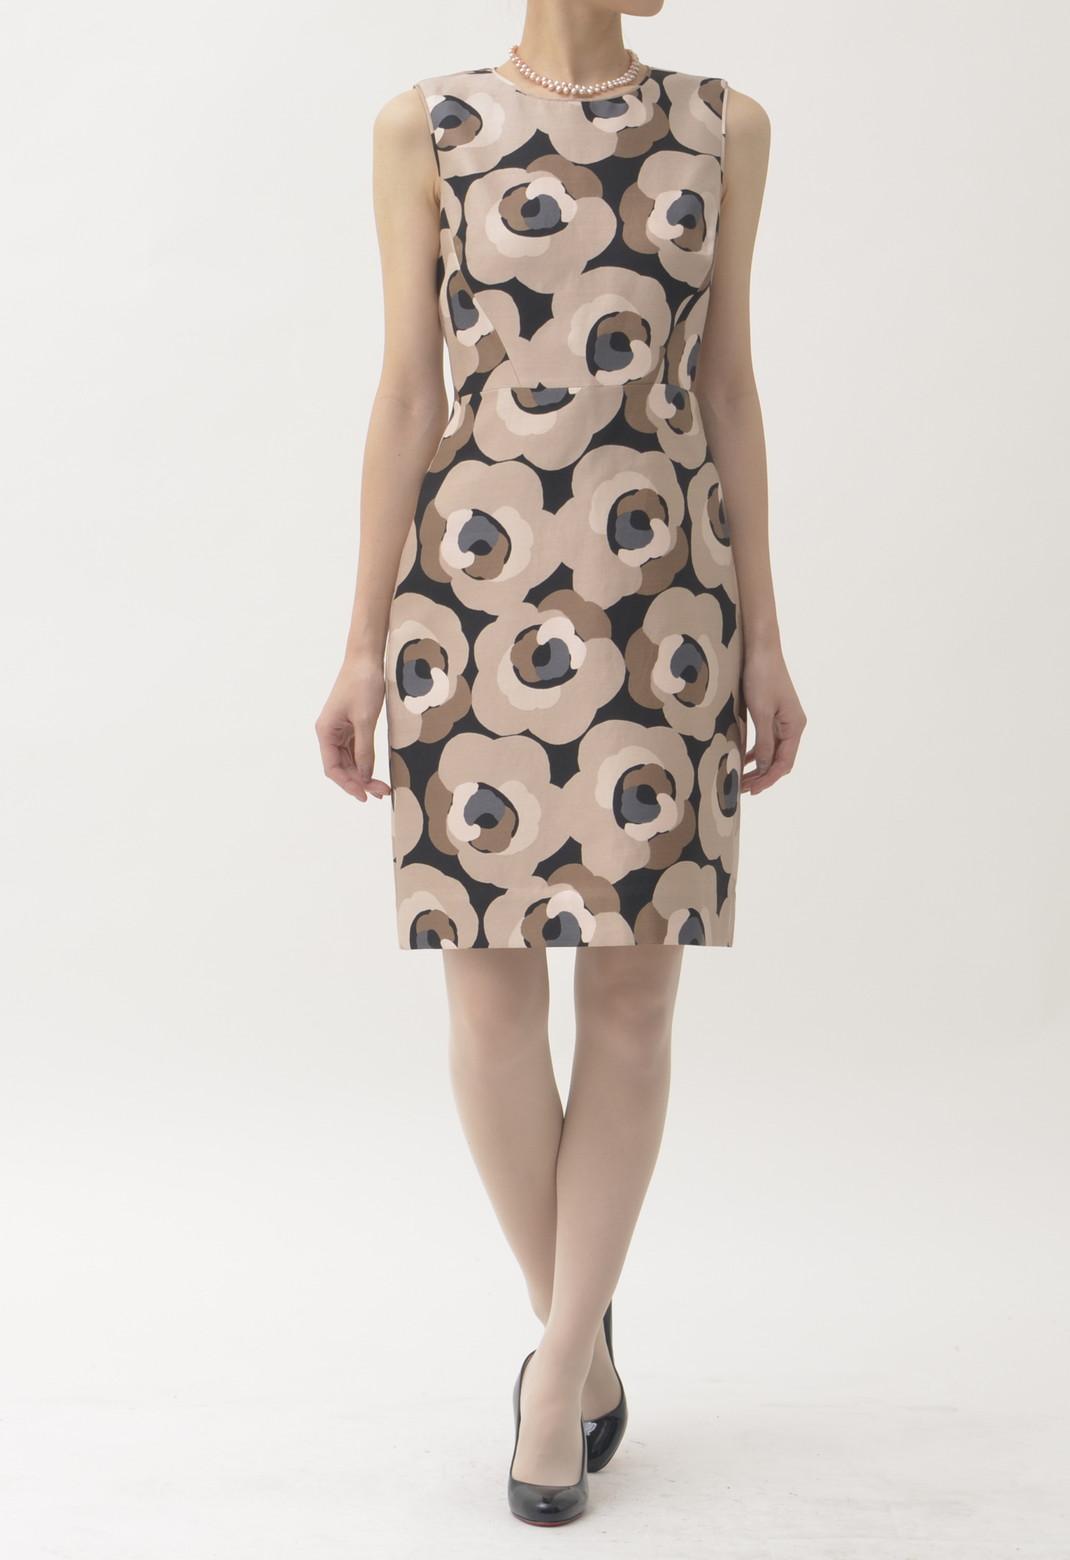 ケイトスペード フラワープリント シルク混 ノースリーブ ドレス